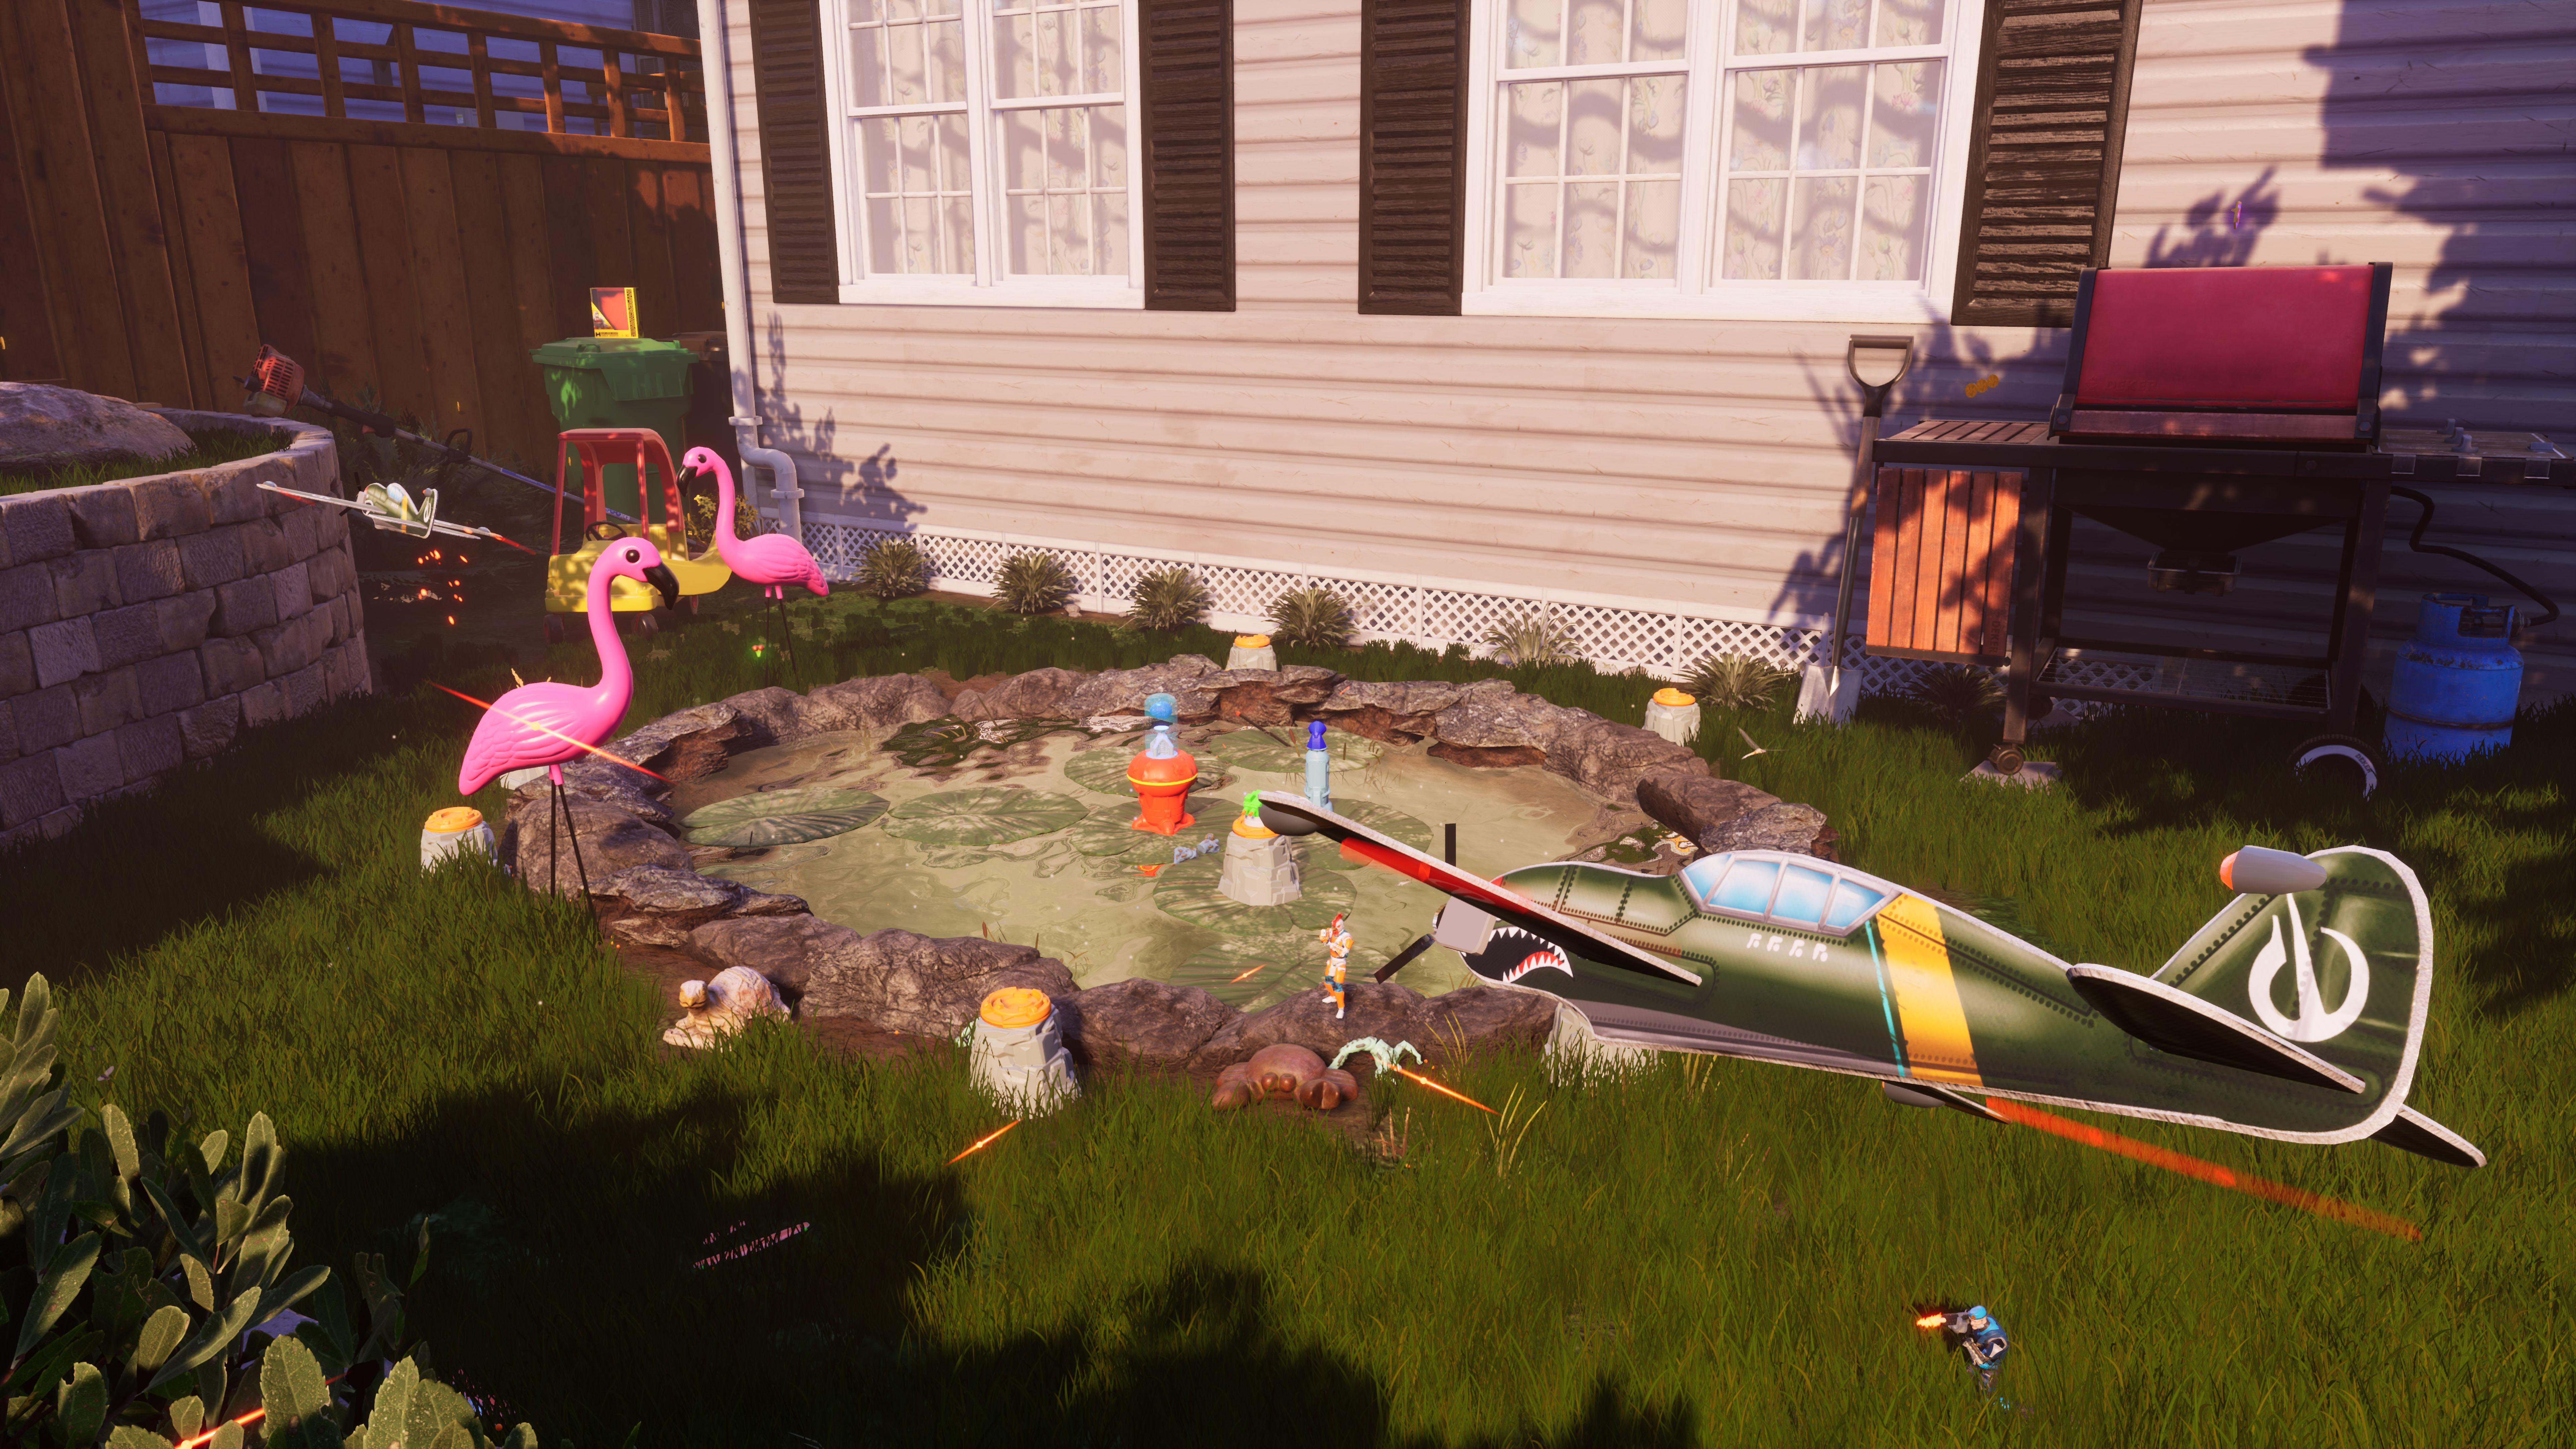 hcu garden gliders